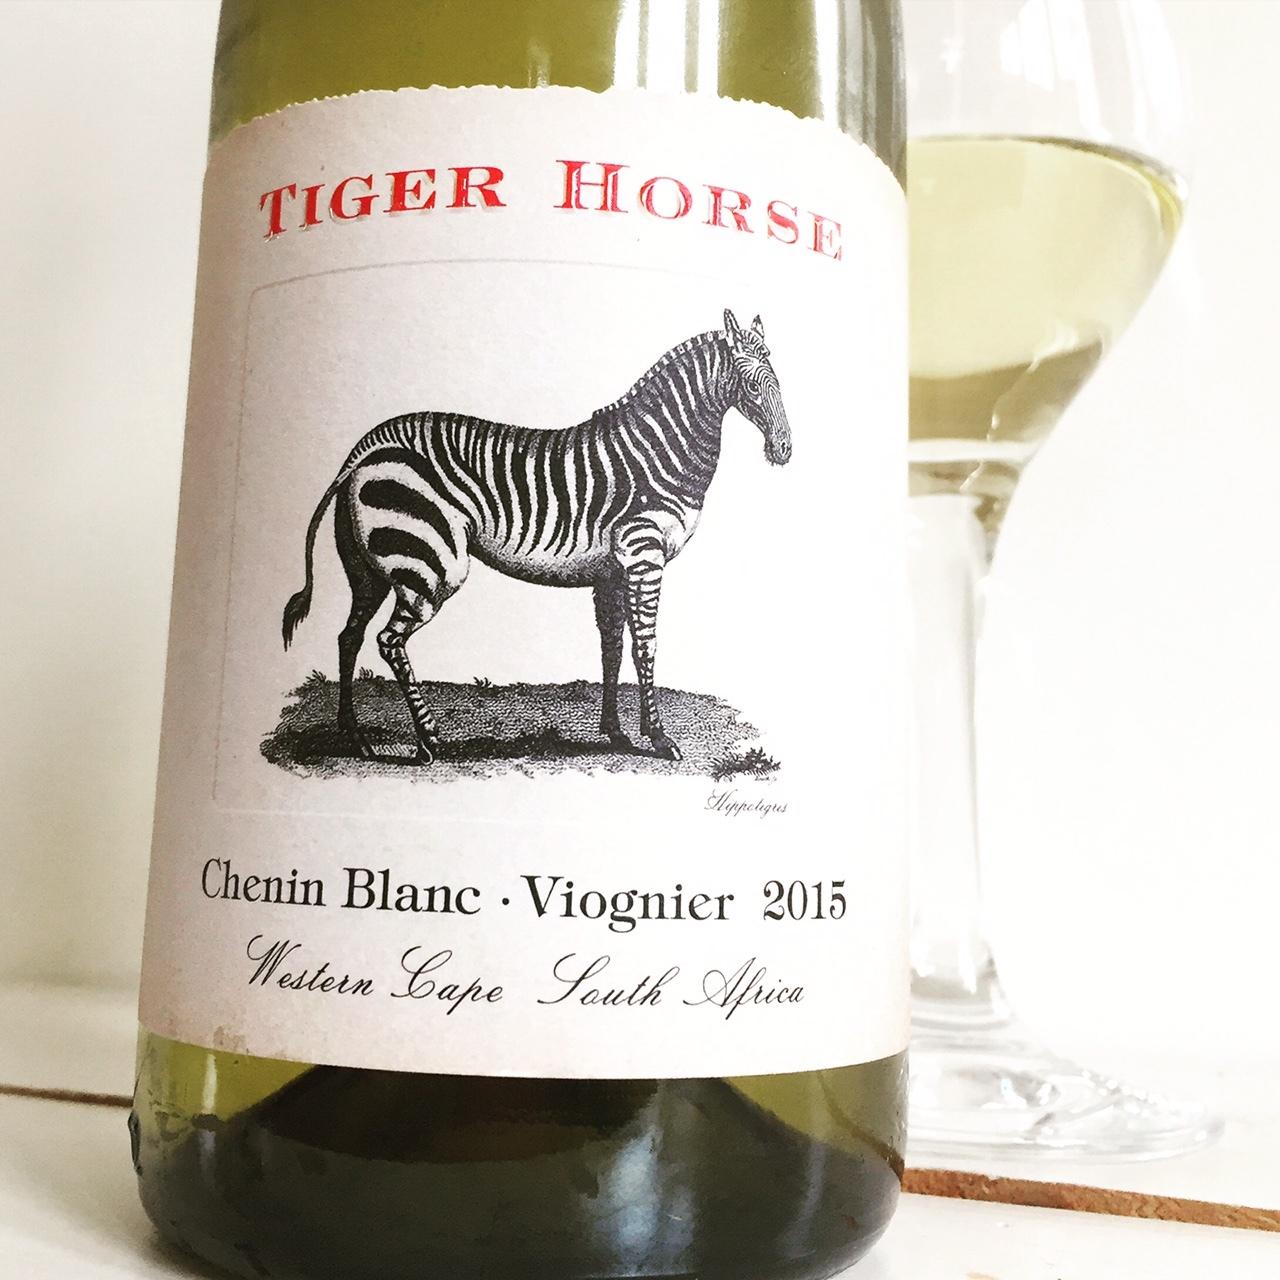 Tiger Horse wijnreview door Mama Drinkt Wijn, vinoloog sinds 2006